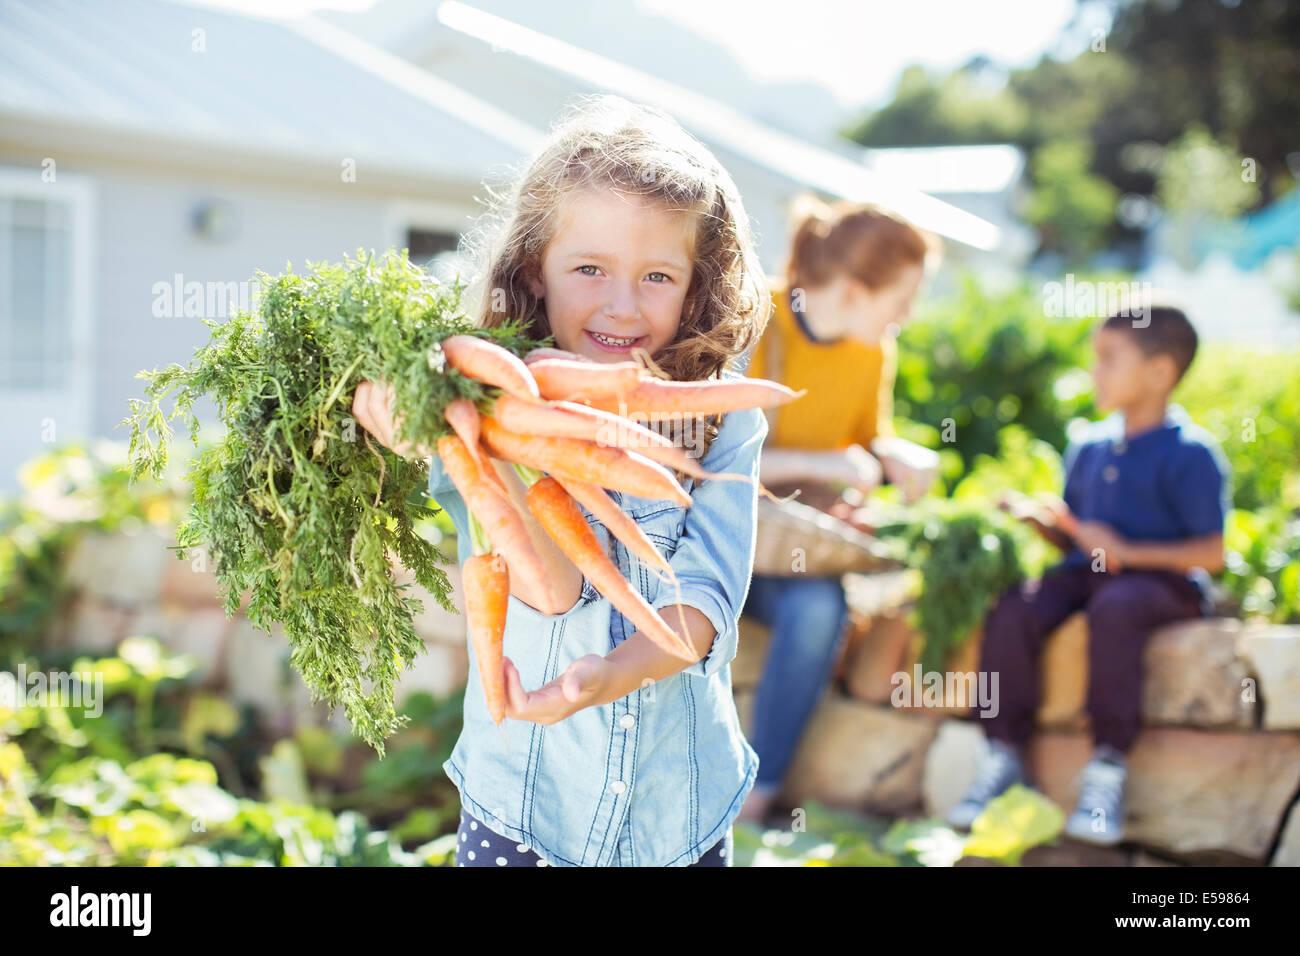 Chica sujetando montón de zanahorias en el jardín Imagen De Stock